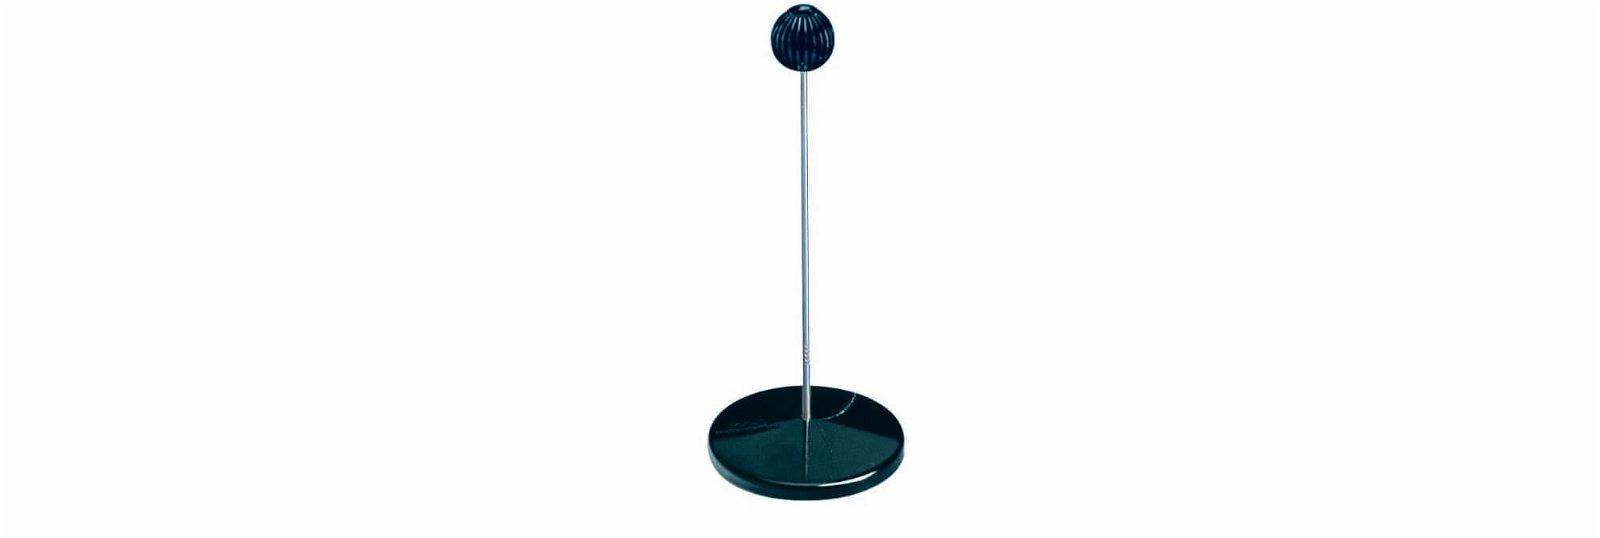 Zettelspießer, mit Schutzknopf, schwarz